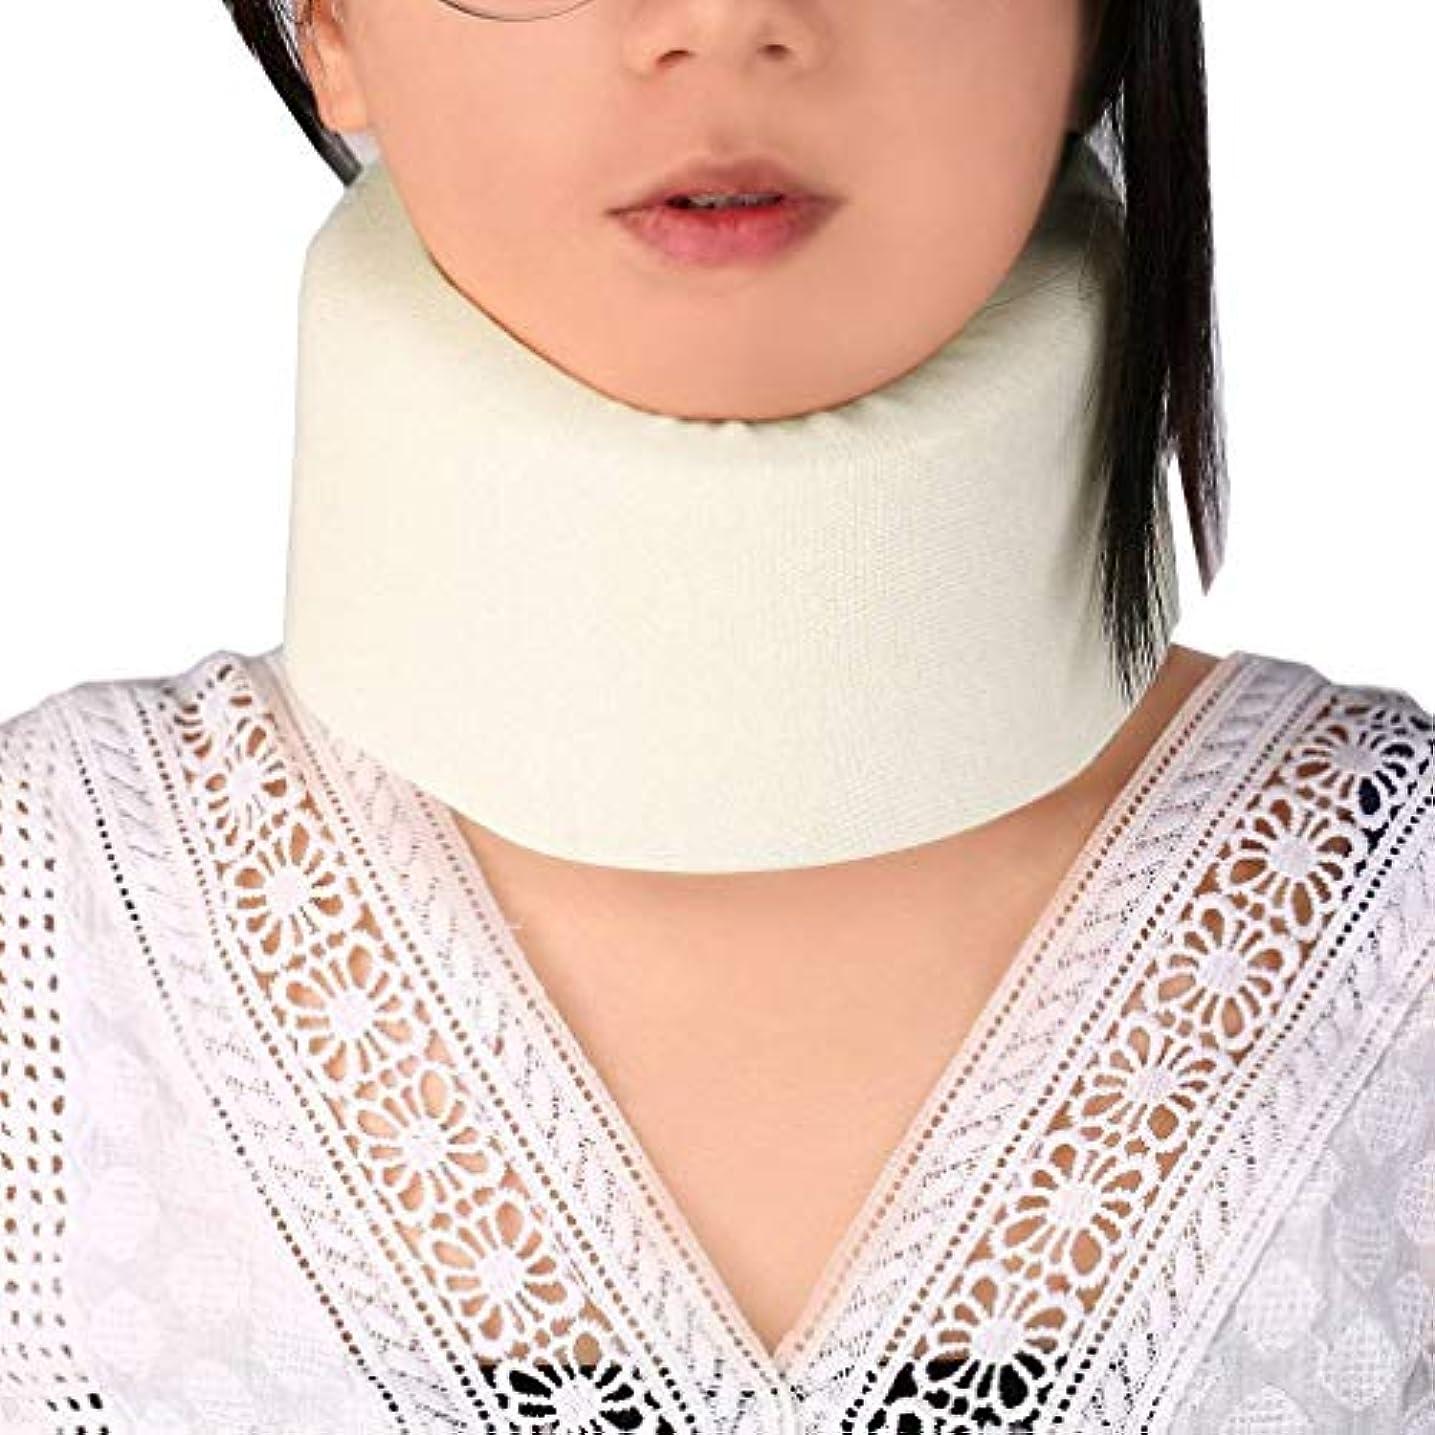 ケイ素バンク動機Oral Dentistry 首 サポーター ソフト 頸椎 首こり ソフト頸椎カラー 肩の痛みの軽減 着脱 簡単 男女兼用 ホワイト